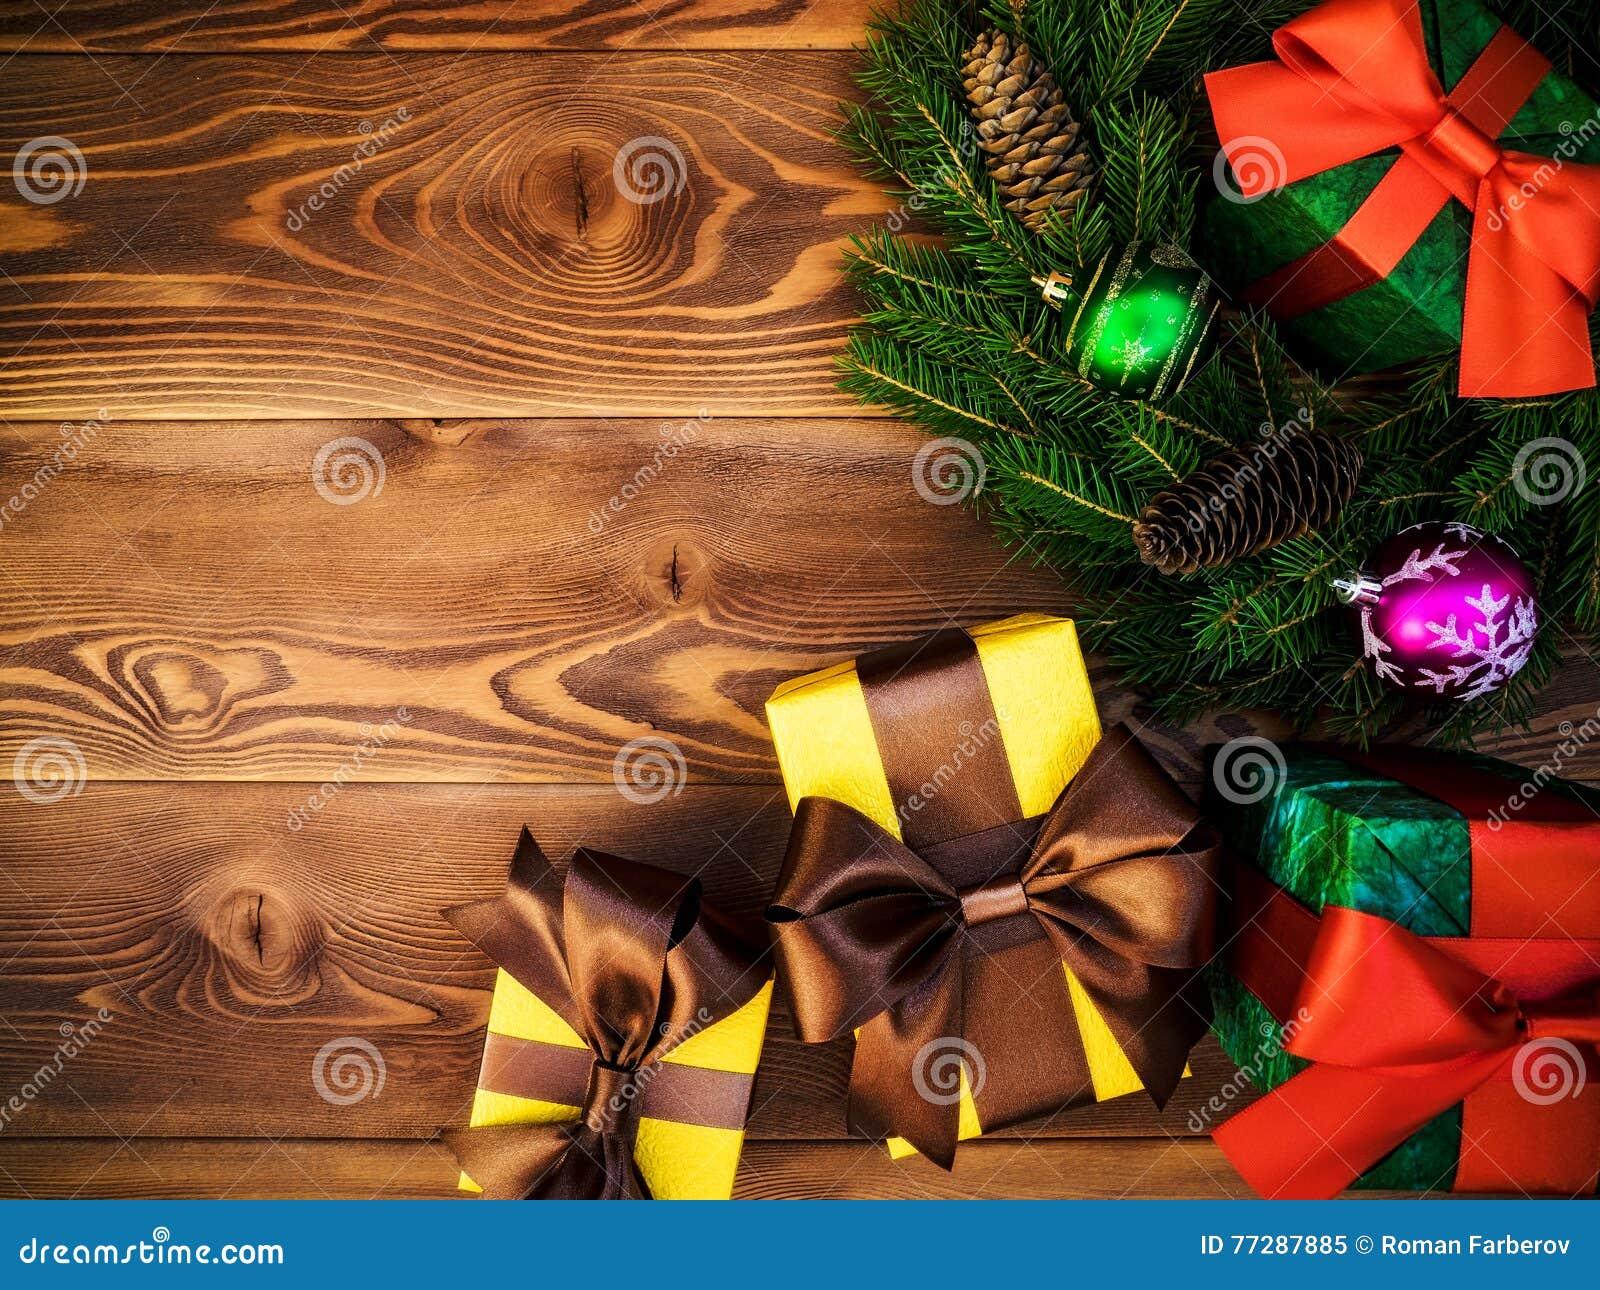 Στεφάνι στον ξύλινο πίνακα δώρο κιβωτίων που τυλίγεται νέο έτος έννοιας Χριστου&gamm